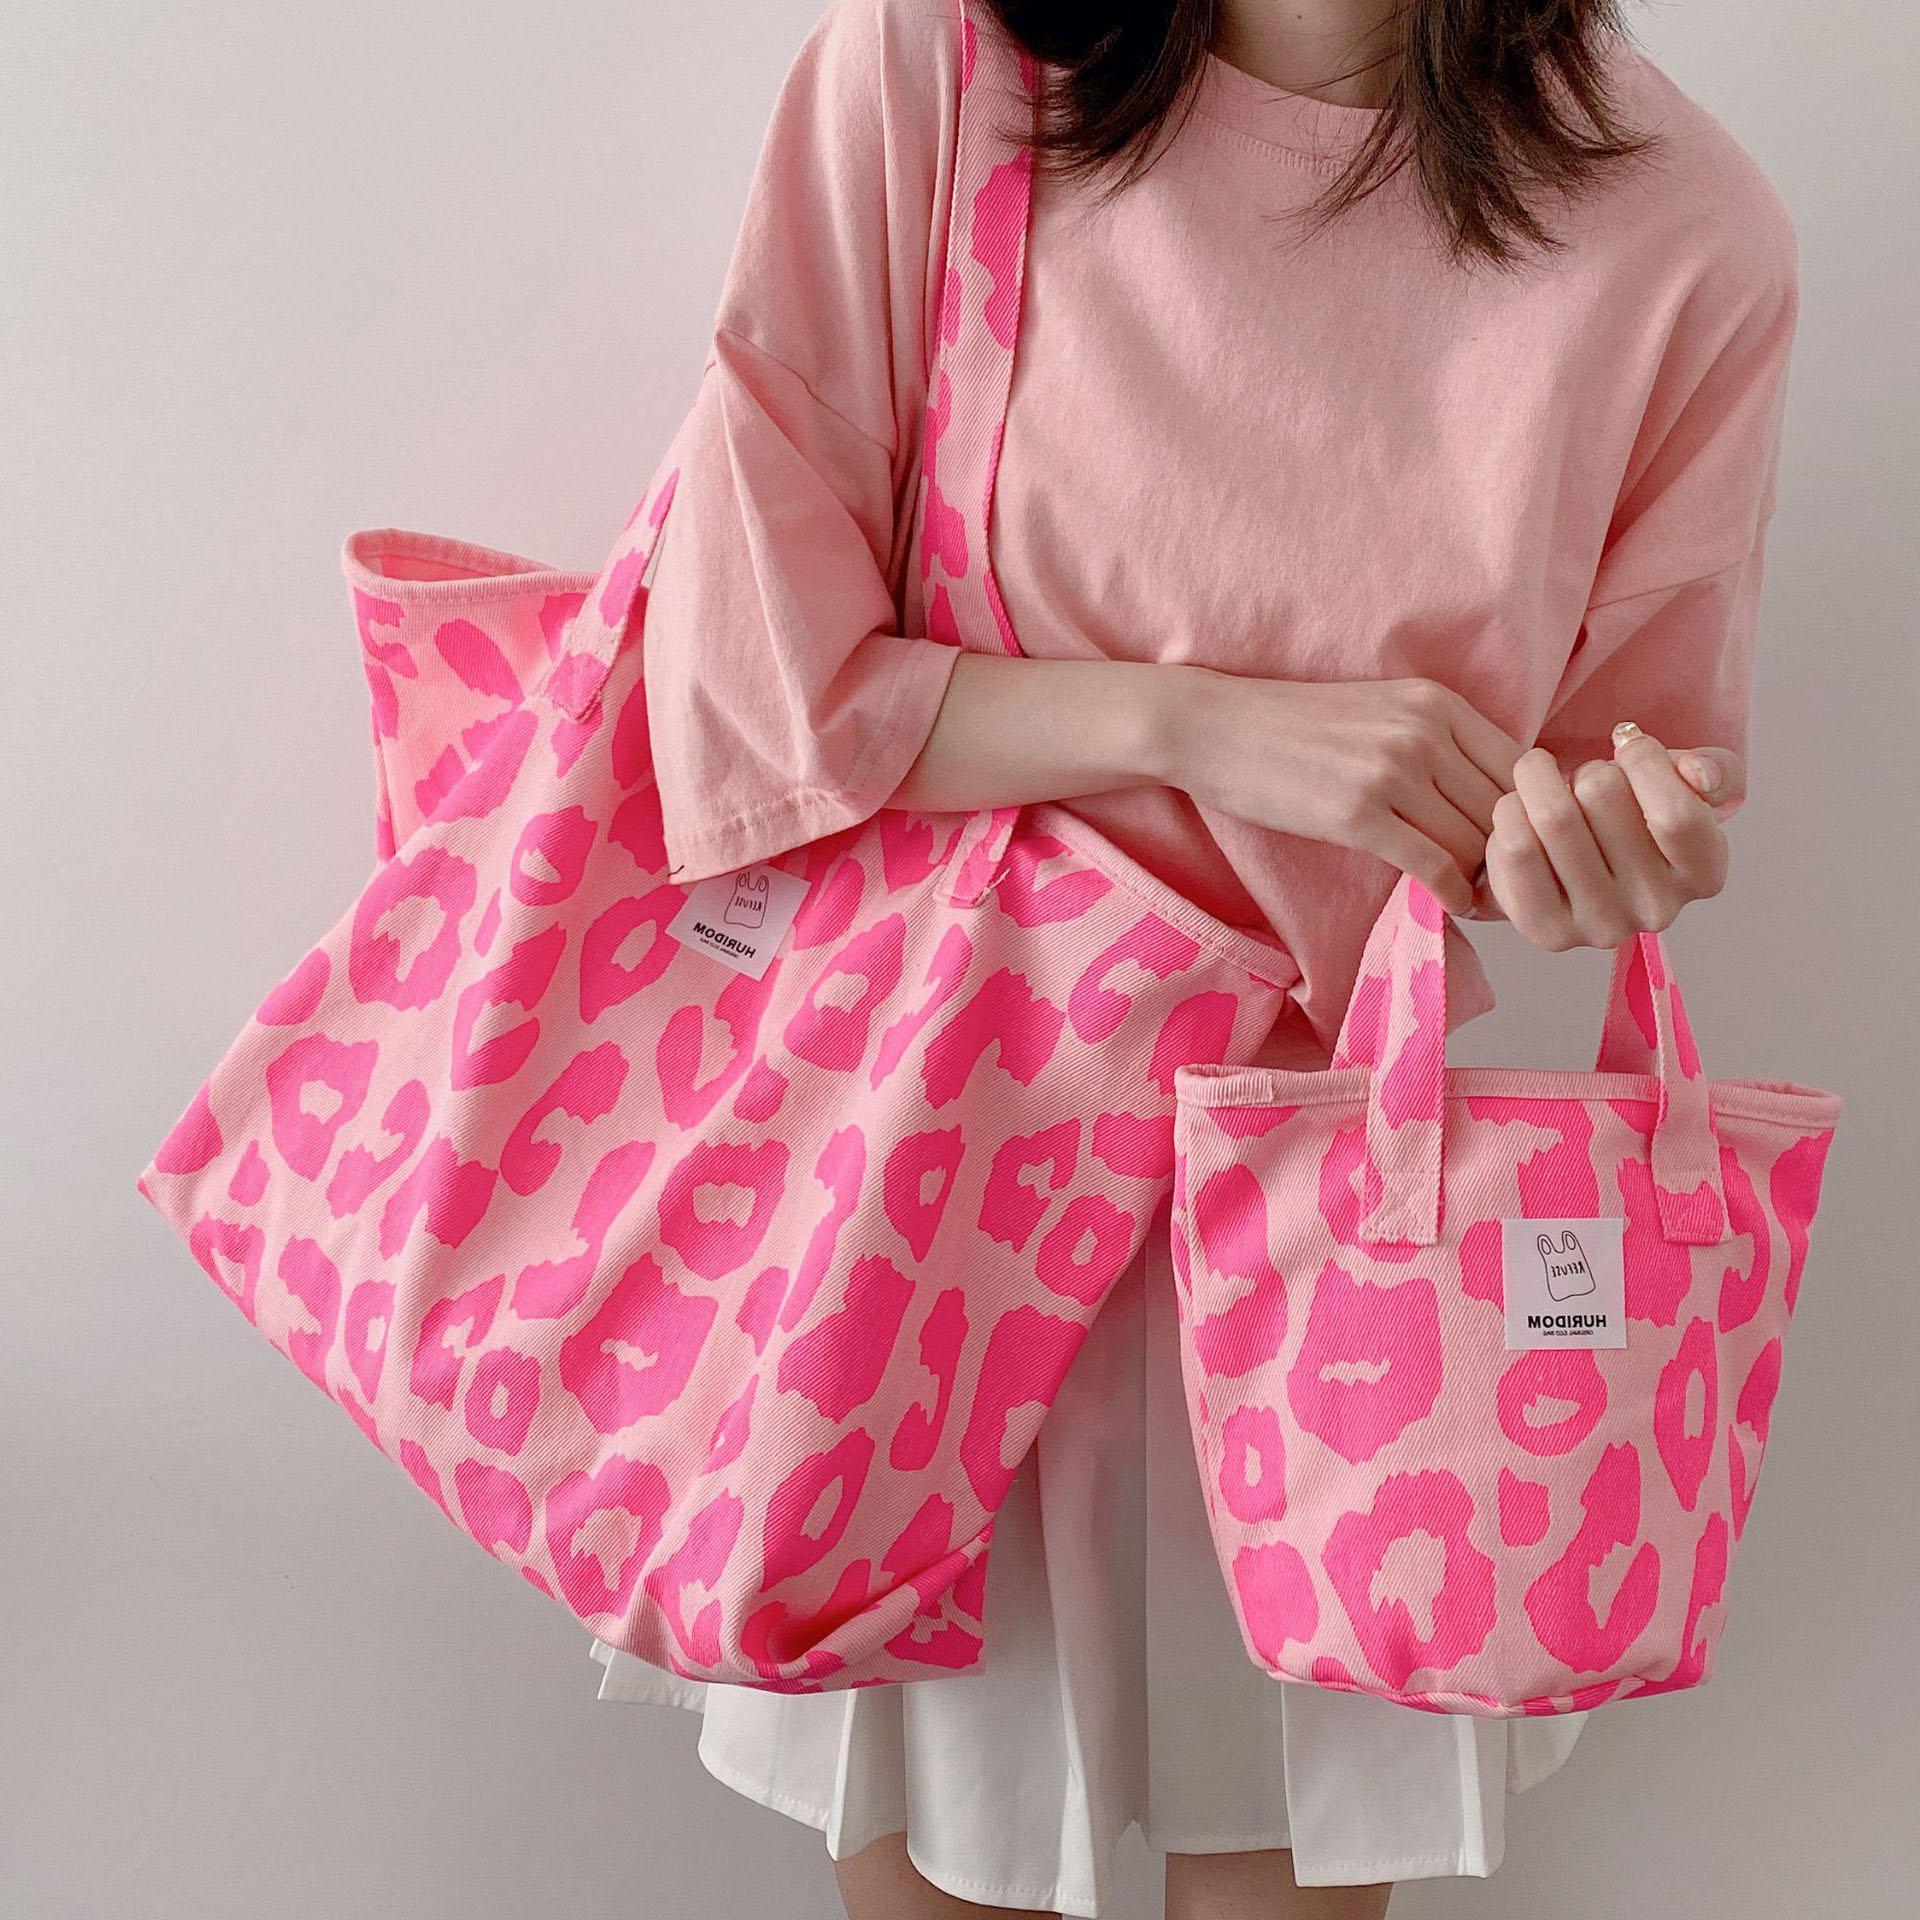 粉红色手提包 粉红色豹纹包大容量帆布单肩手提包女水桶包2021新款休闲托特包袋_推荐淘宝好看的粉红色手提包